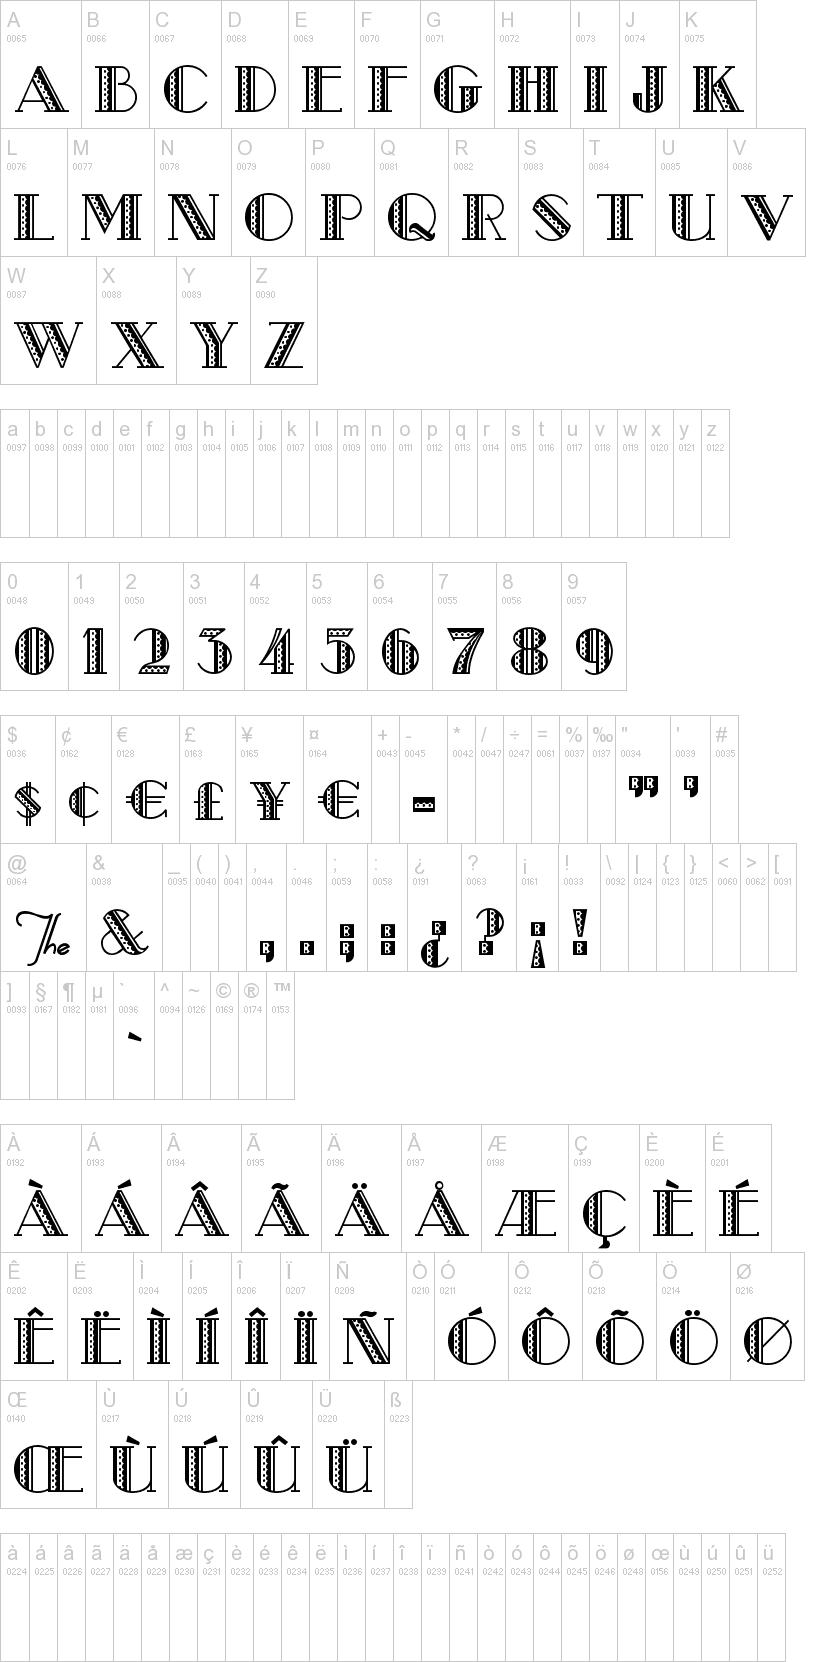 Metro Retro Font Dafont Com Metro Retro Retro Font Lettering Fonts